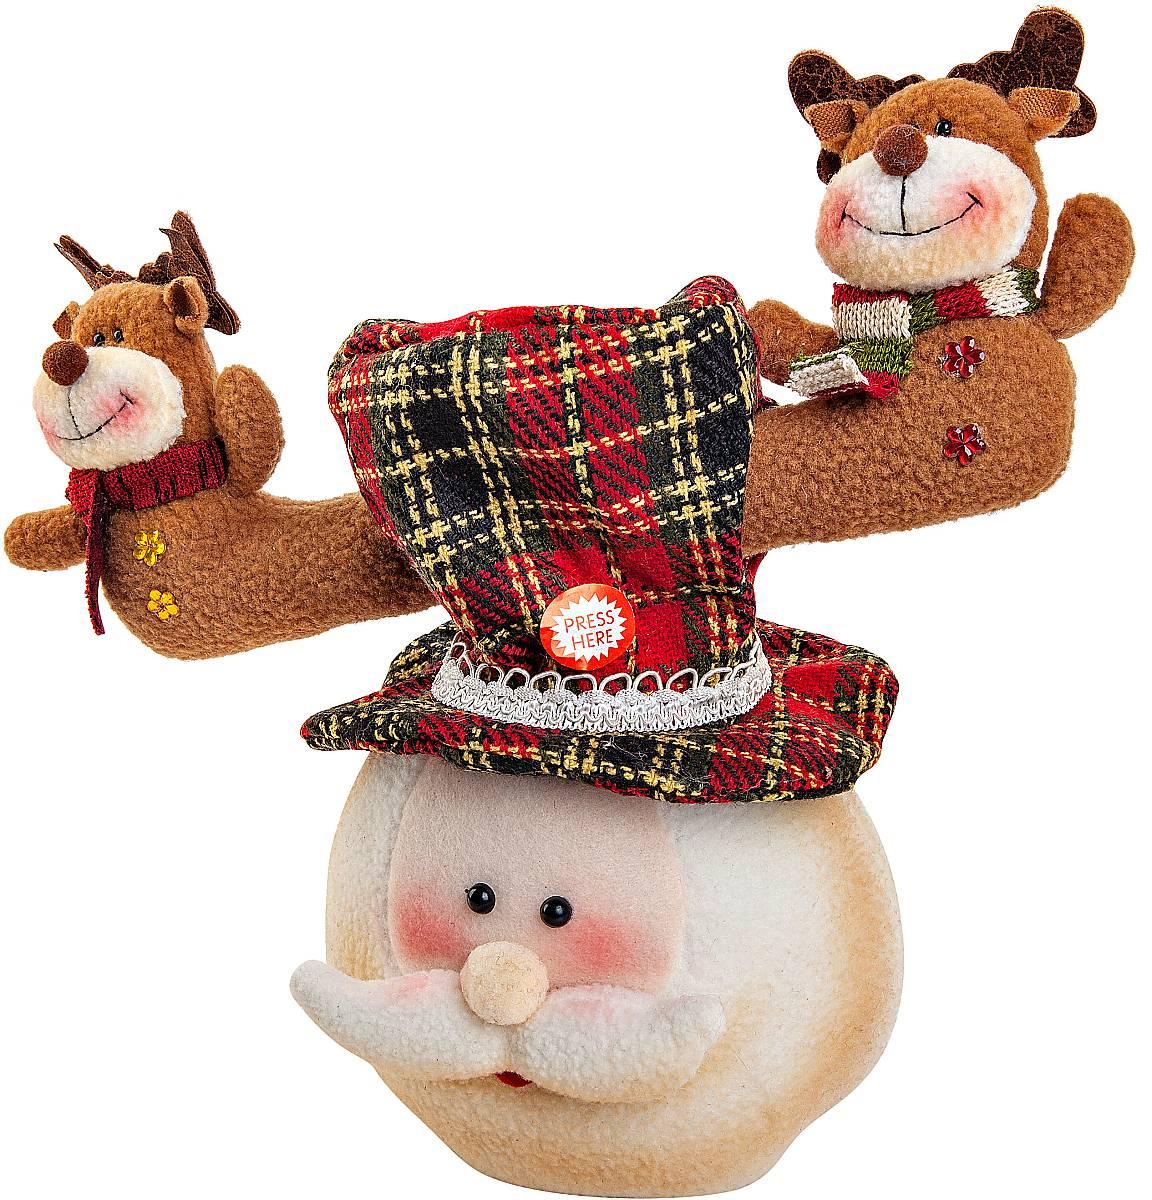 Игрушка новогодняя Mister Christmas Дед Мороз, электромеханическая, высота 30 см набор подсвечников mister christmas дед мороз высота 22 5 см 2 шт